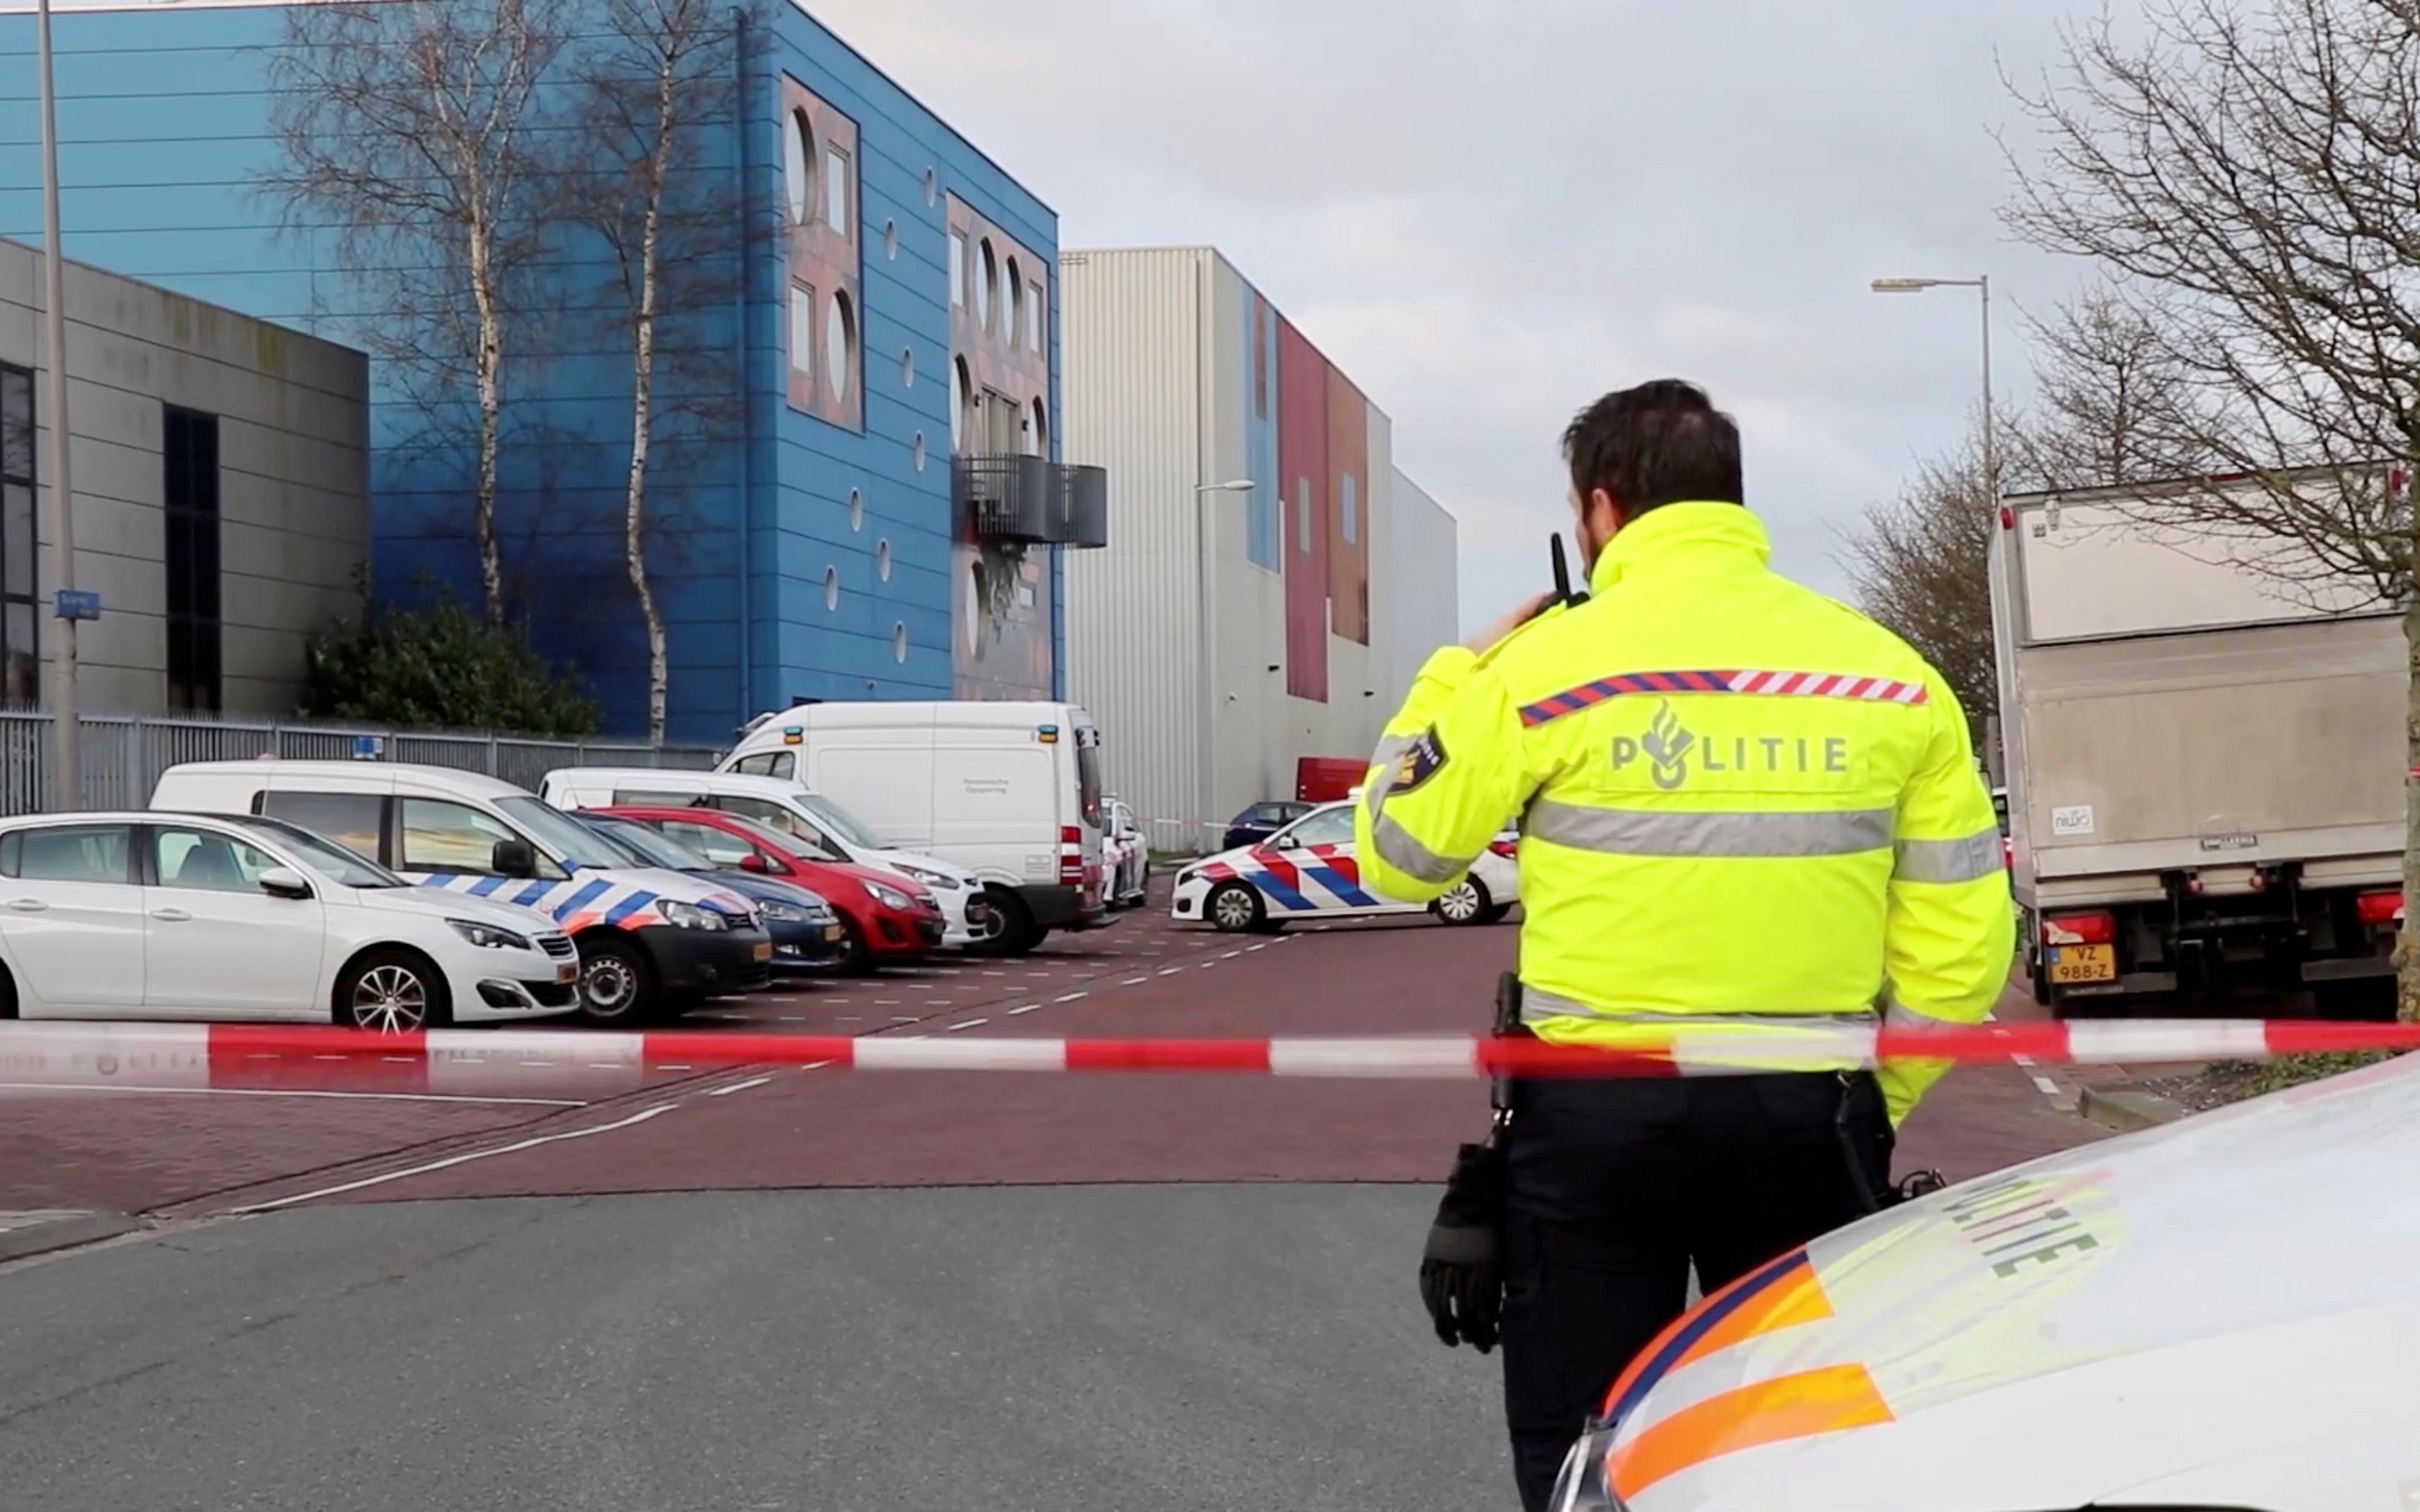 شرطة هولندا بموقع الحادث